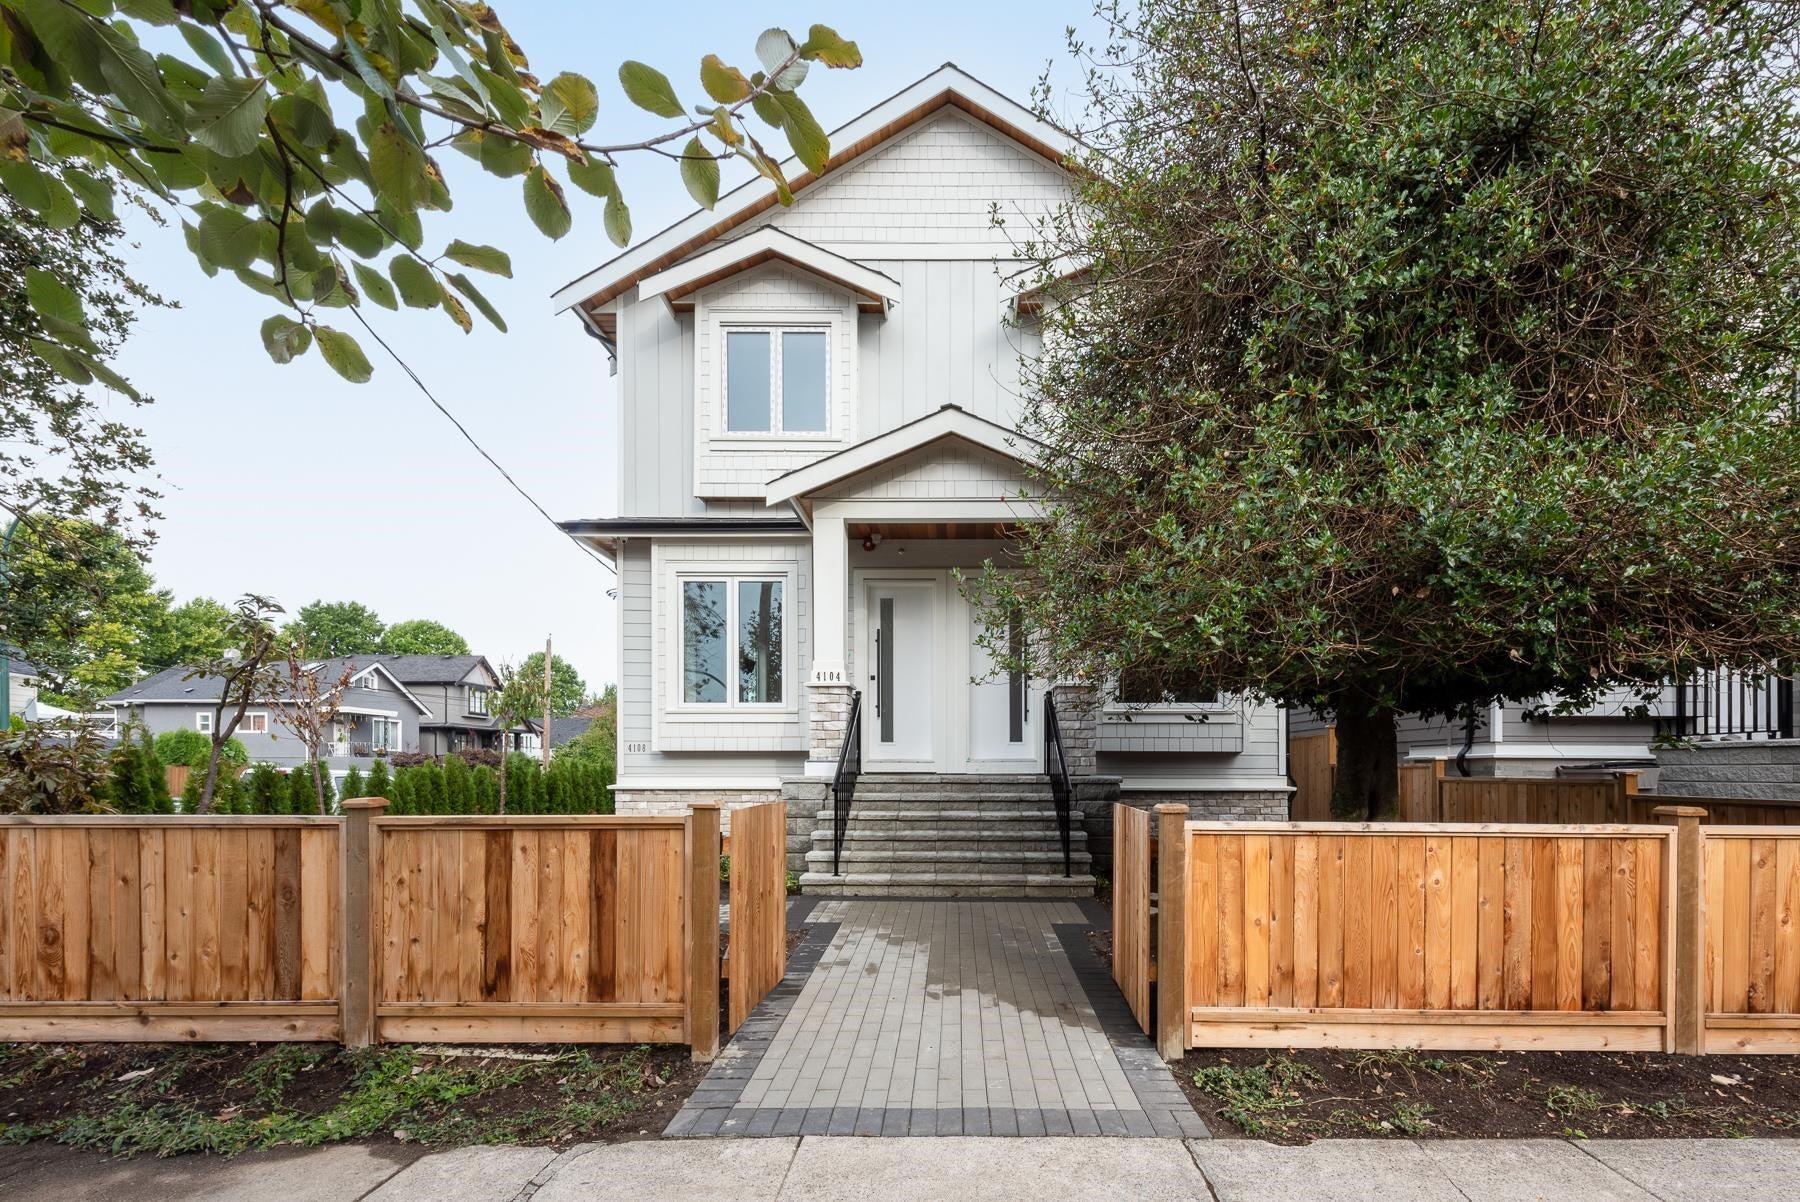 4106 PRINCE ALBERT STREET - Fraser VE 1/2 Duplex for sale, 4 Bedrooms (R2628864) - #1